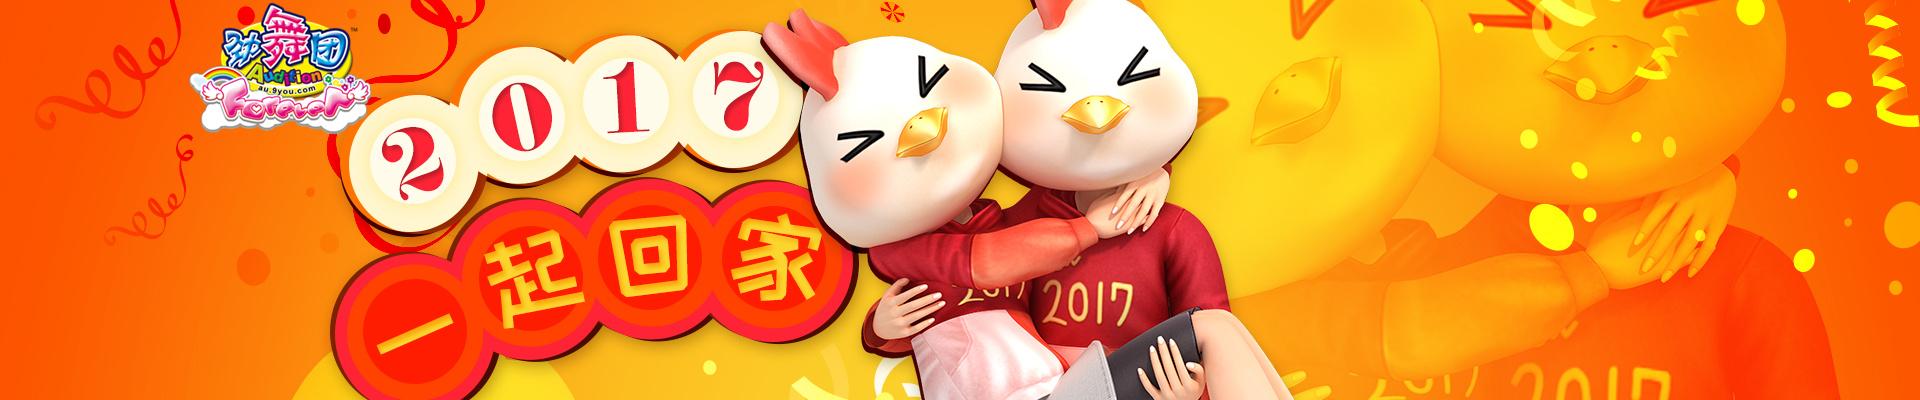 """《劲舞团》2月版本""""鸣鸡起舞""""2017一起回家"""